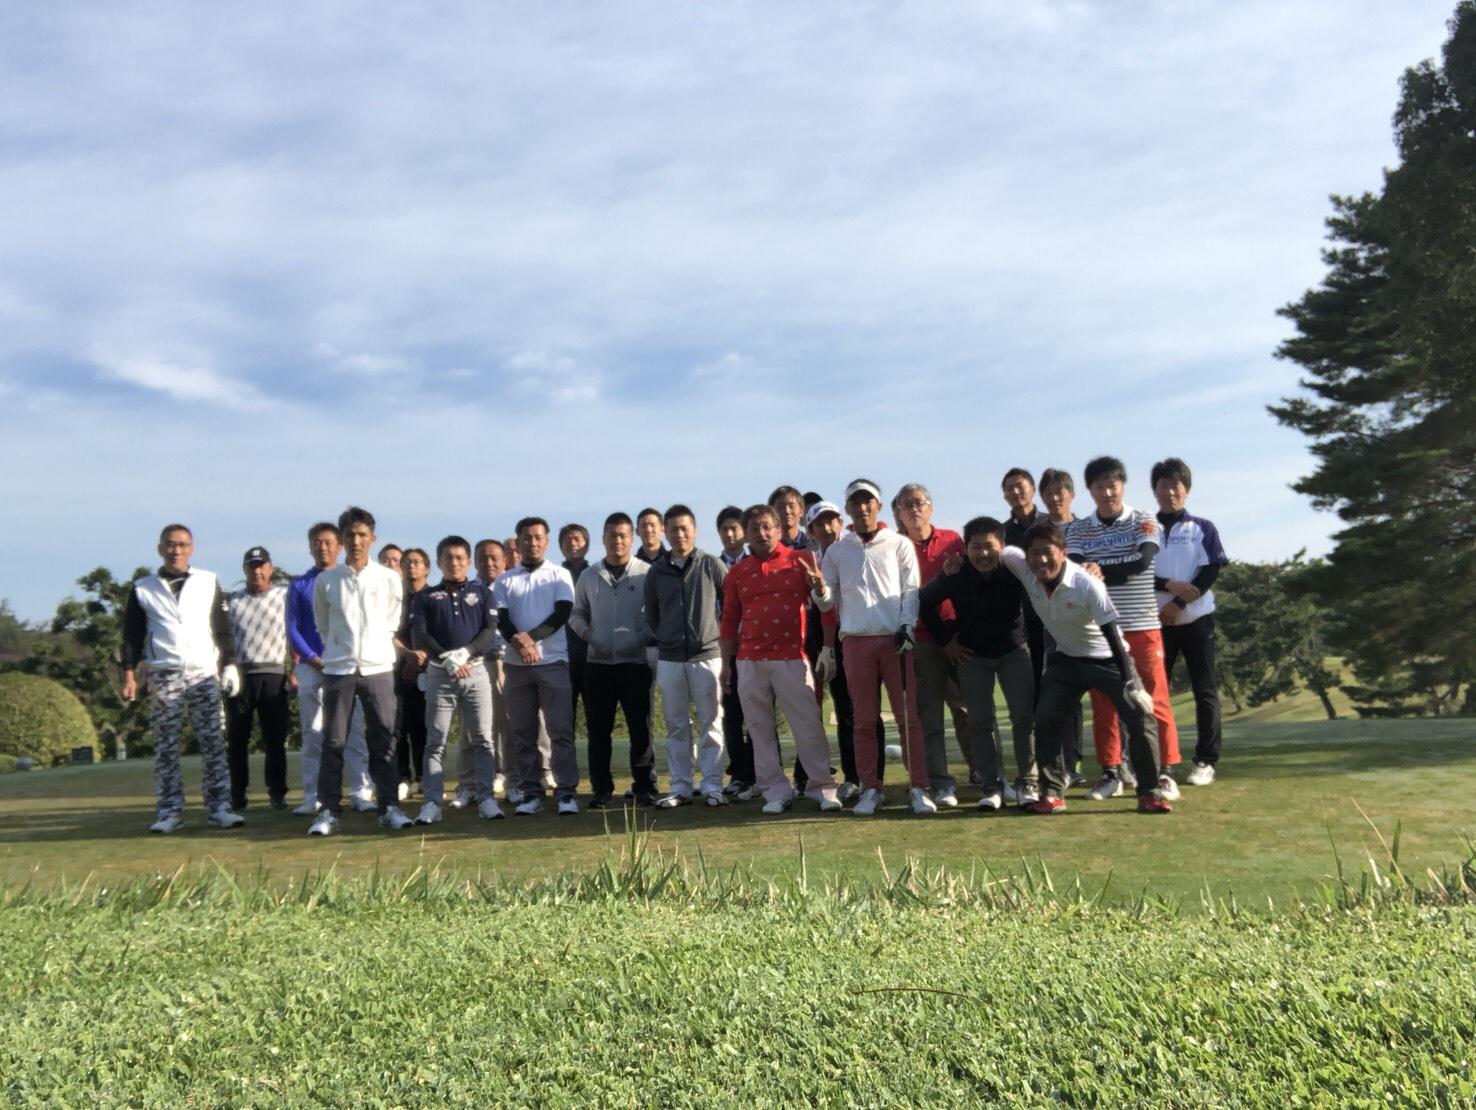 はいっ!第8回カナン杯ゴルフコンペの開催です。